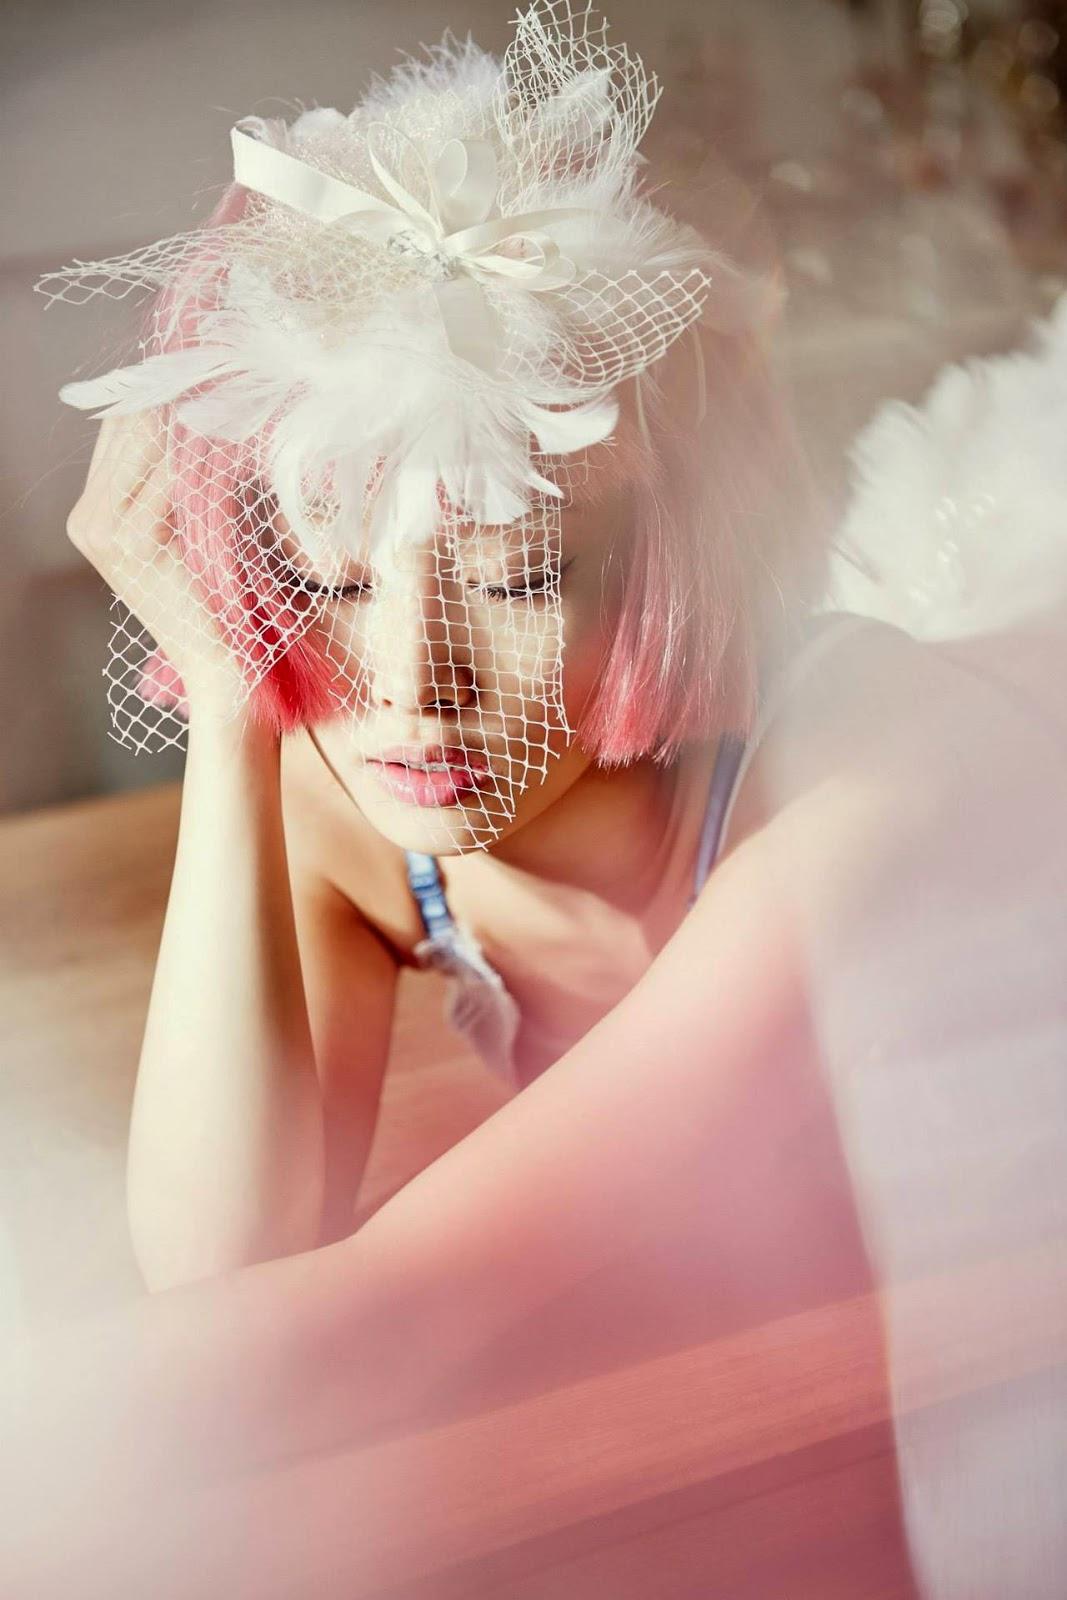 Nicole Jung First Romance Teaser